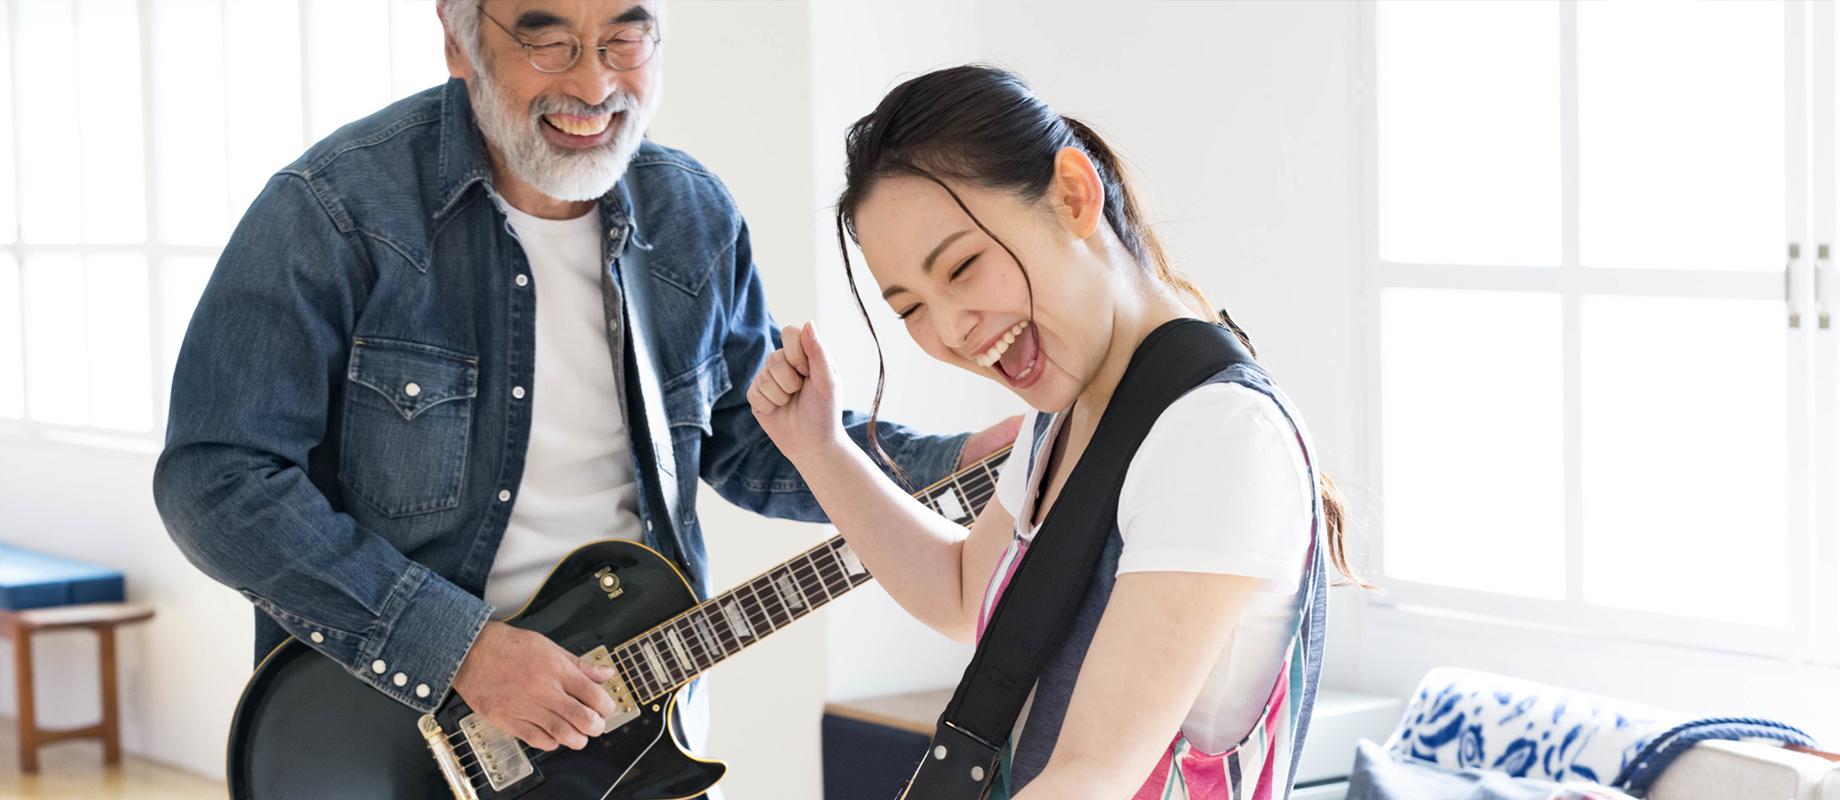 エレキギター科のレッスン画像